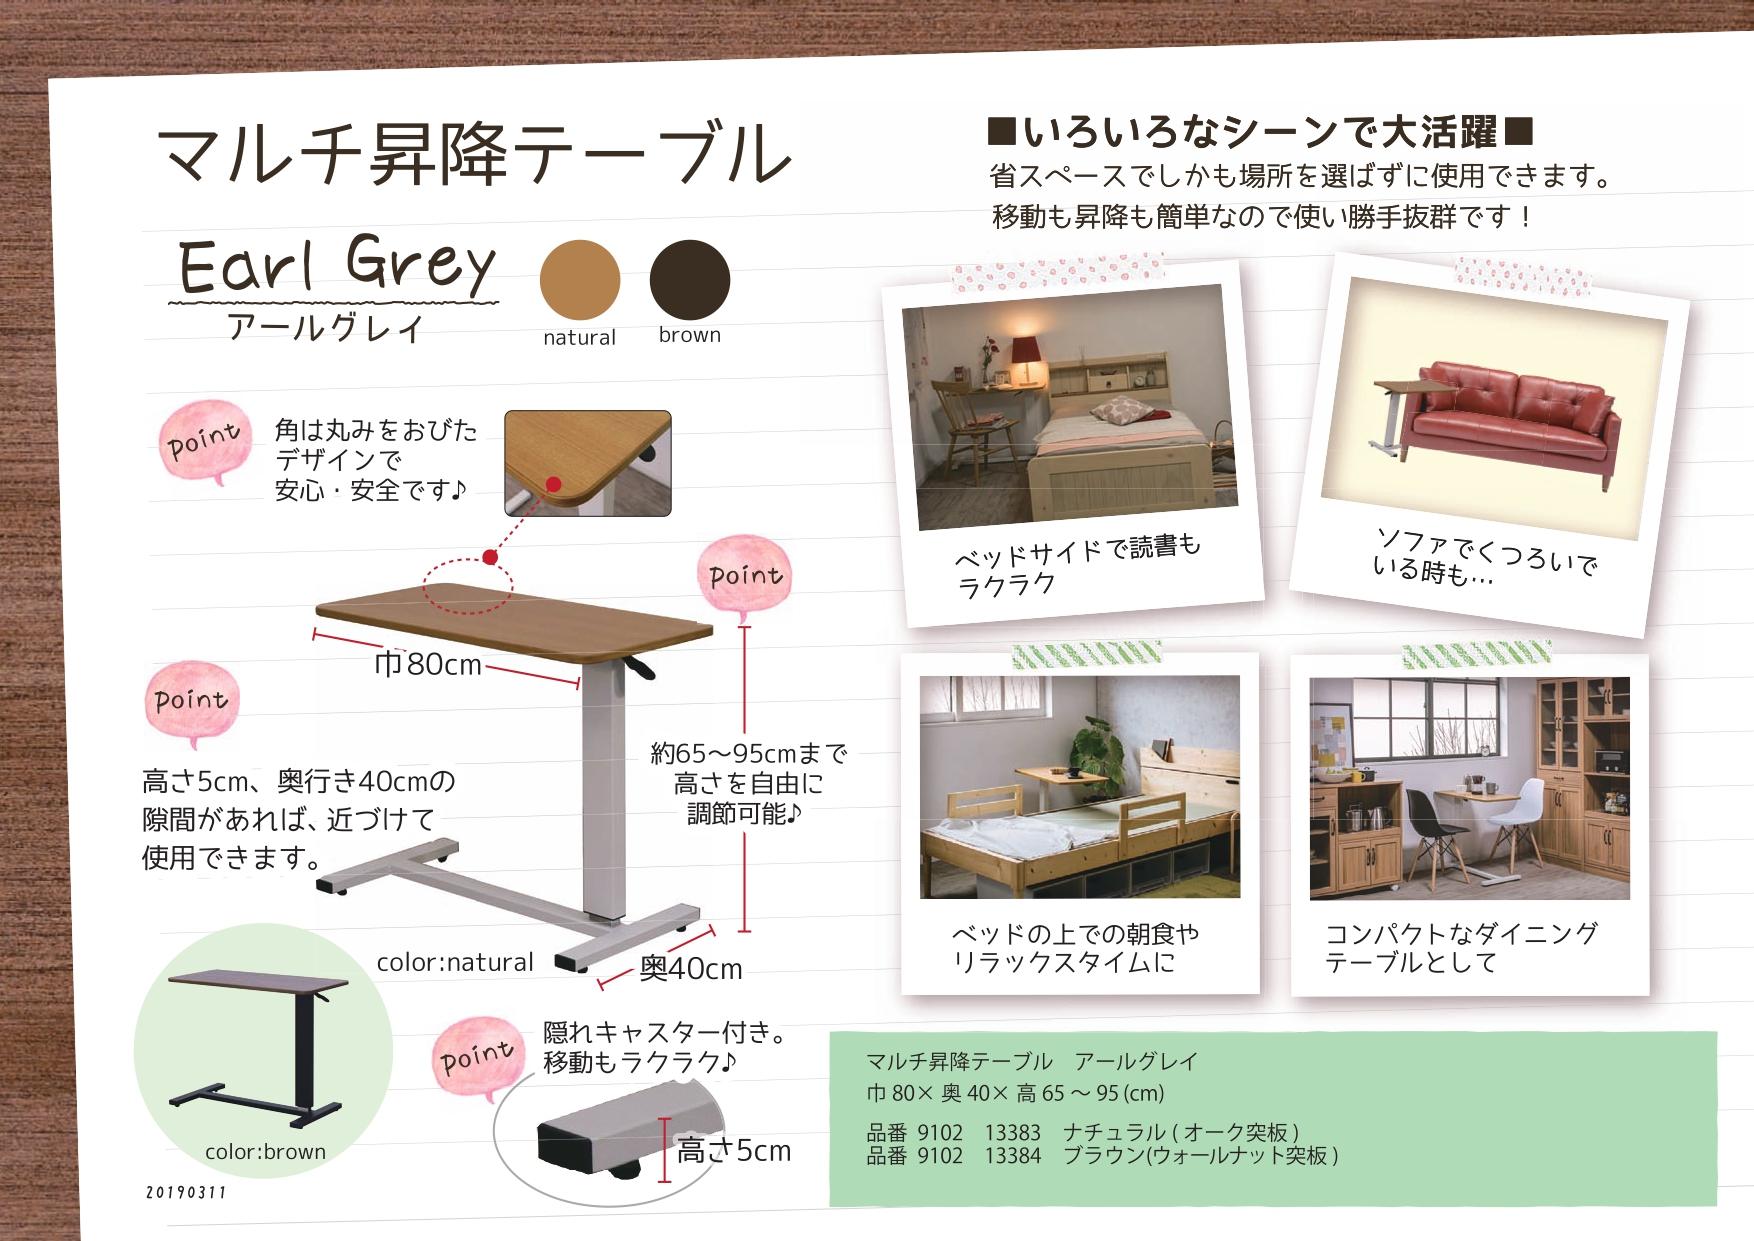 マルチ昇降テーブル「アールグレイ」